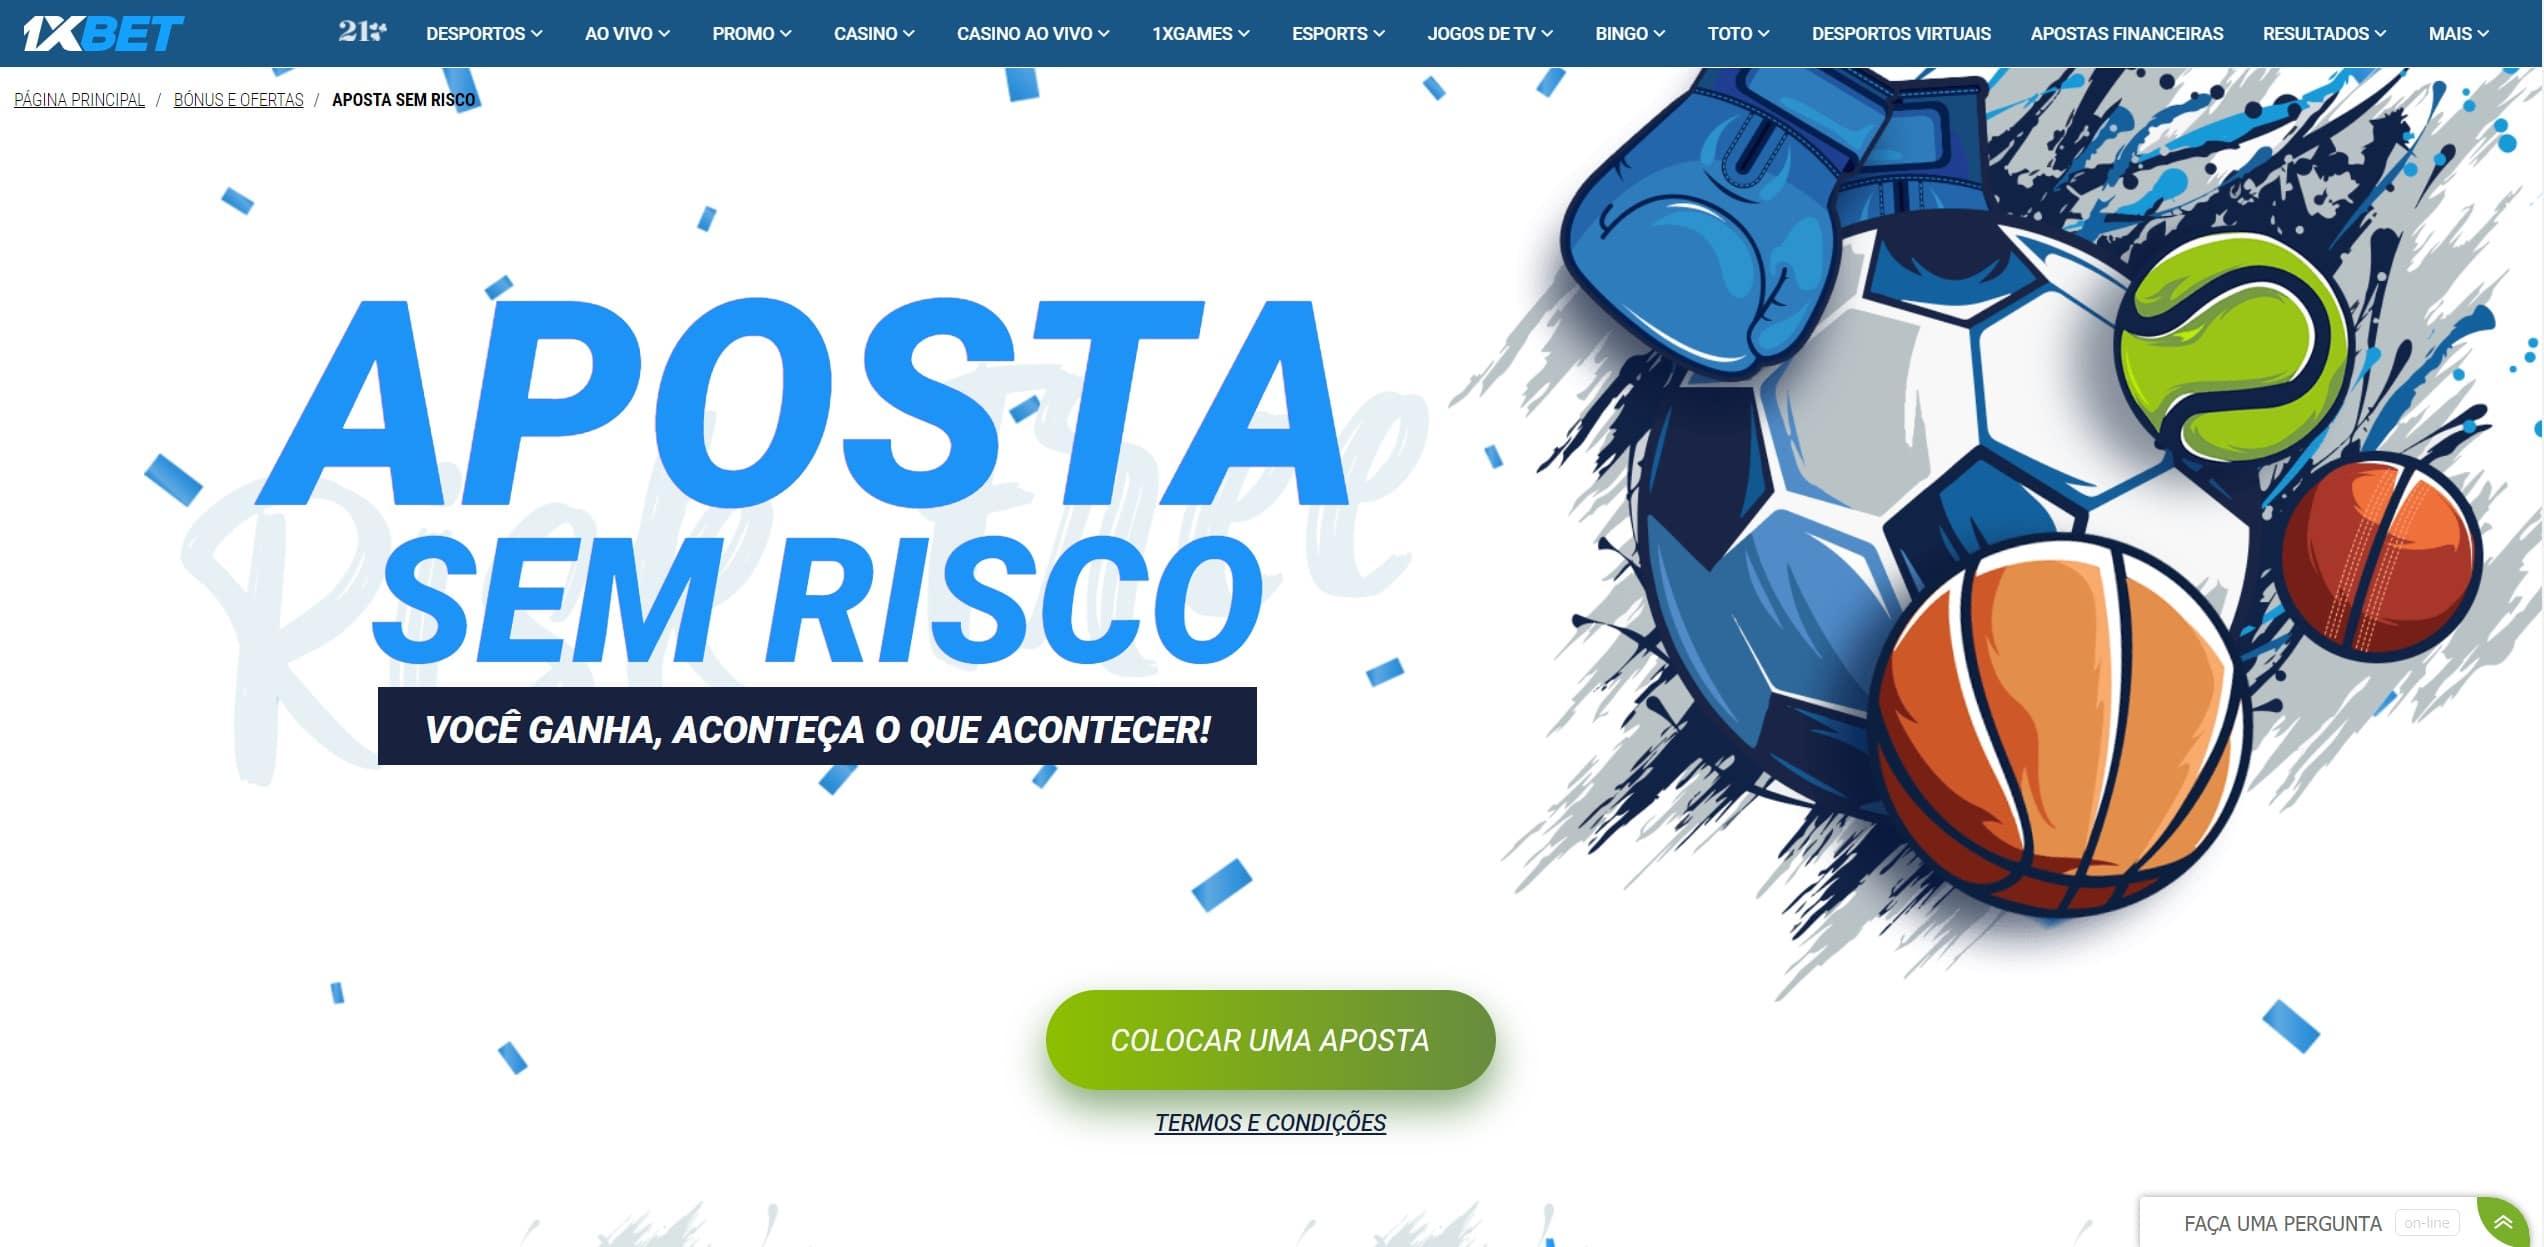 Melhor ação gratuita de risco no Brasil da 1xbet